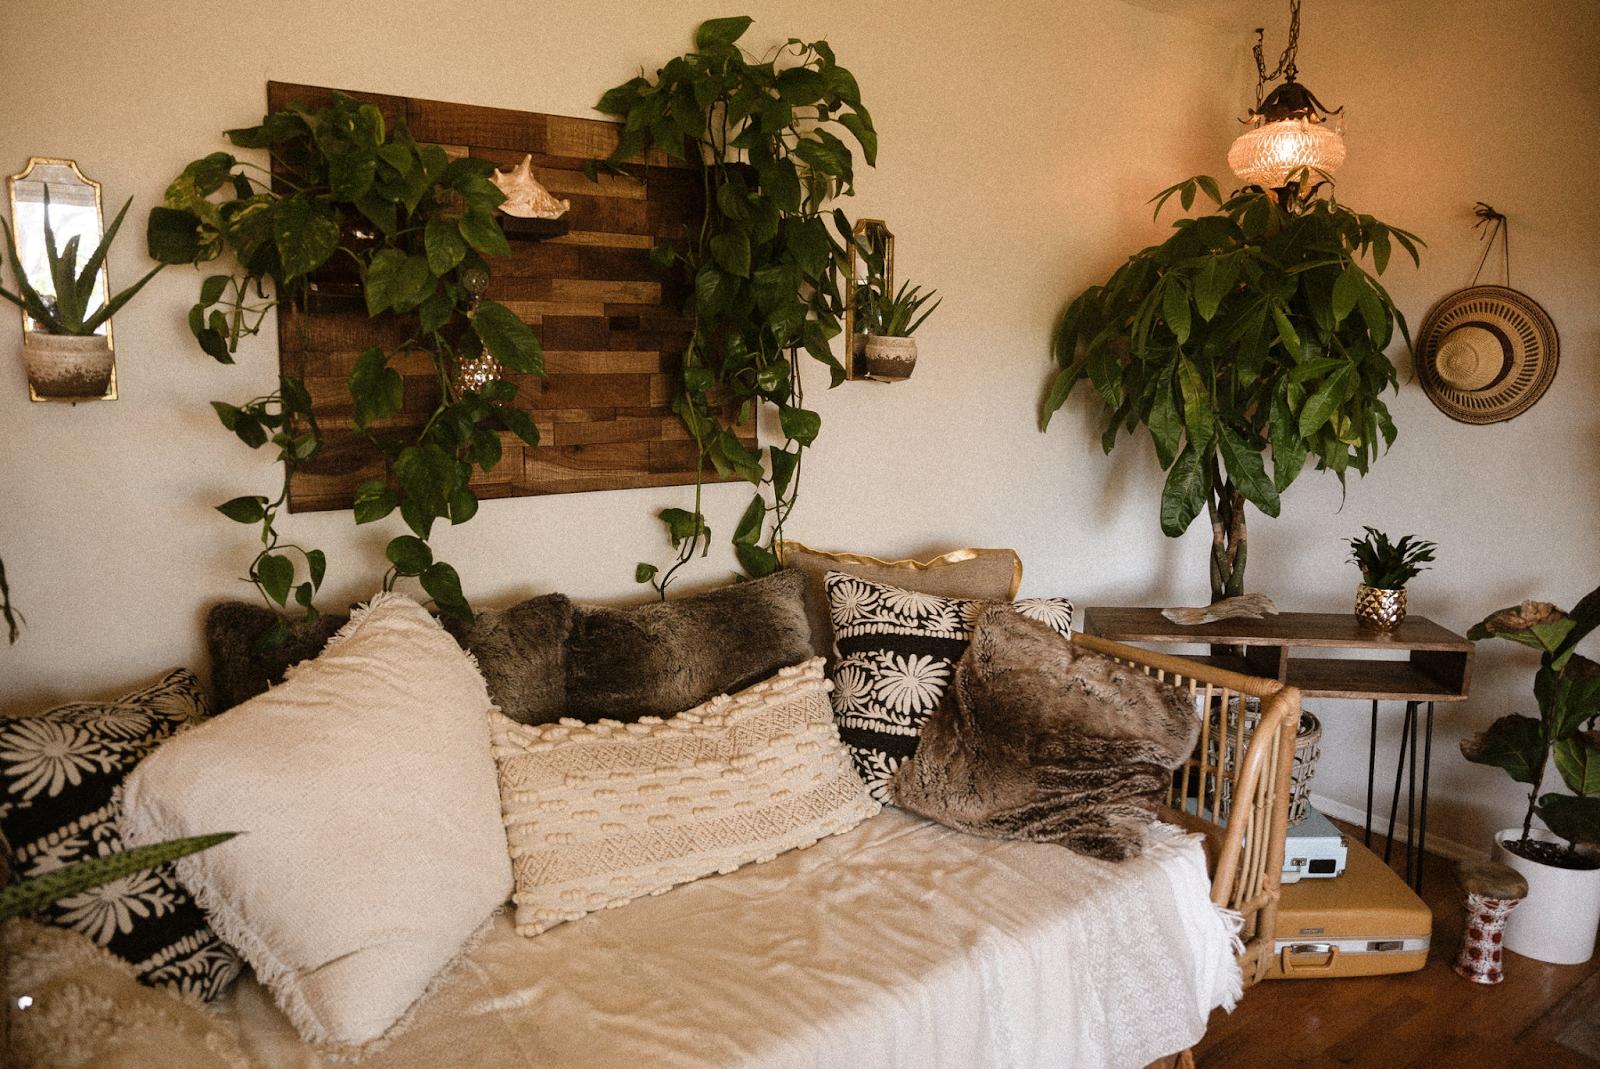 Indoor plants getting minimal sunlight and still thriving.